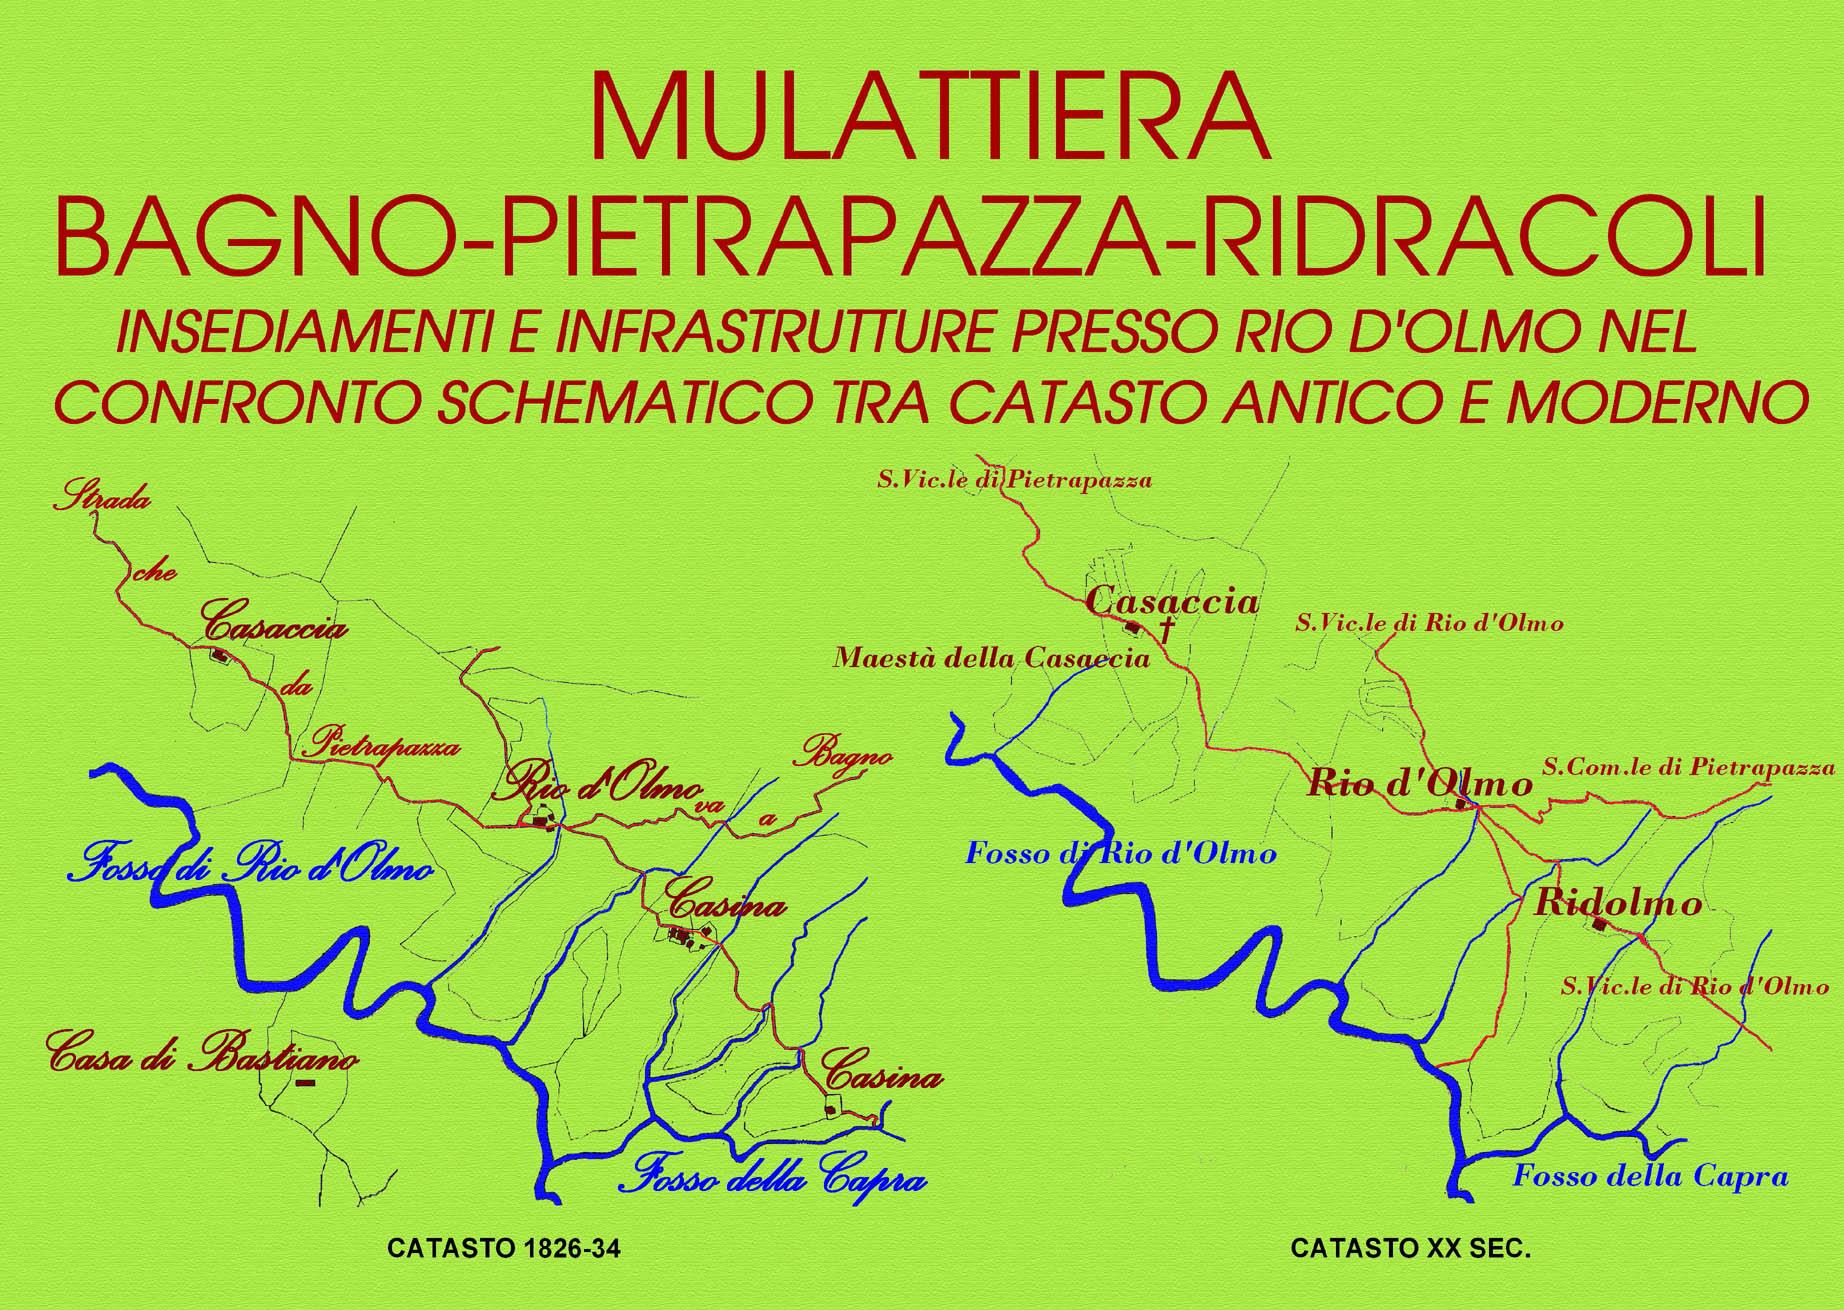 scheda toponimi3473 - Appennino Romagnolo